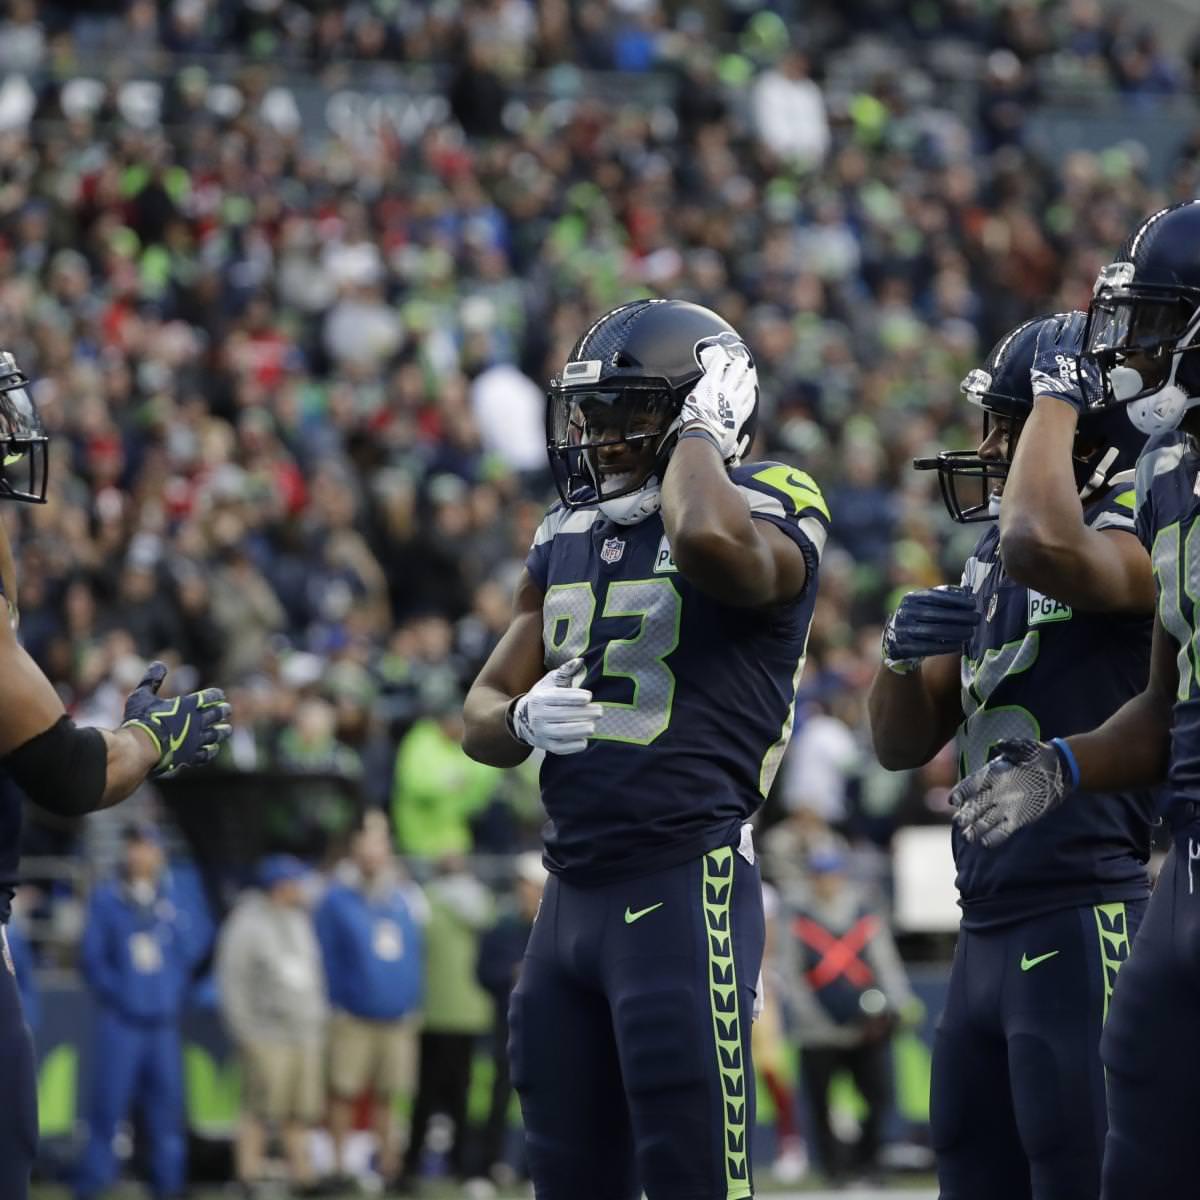 Relatório: NFL deve considerar impedir jogadores de deixar a lateral para as celebrações